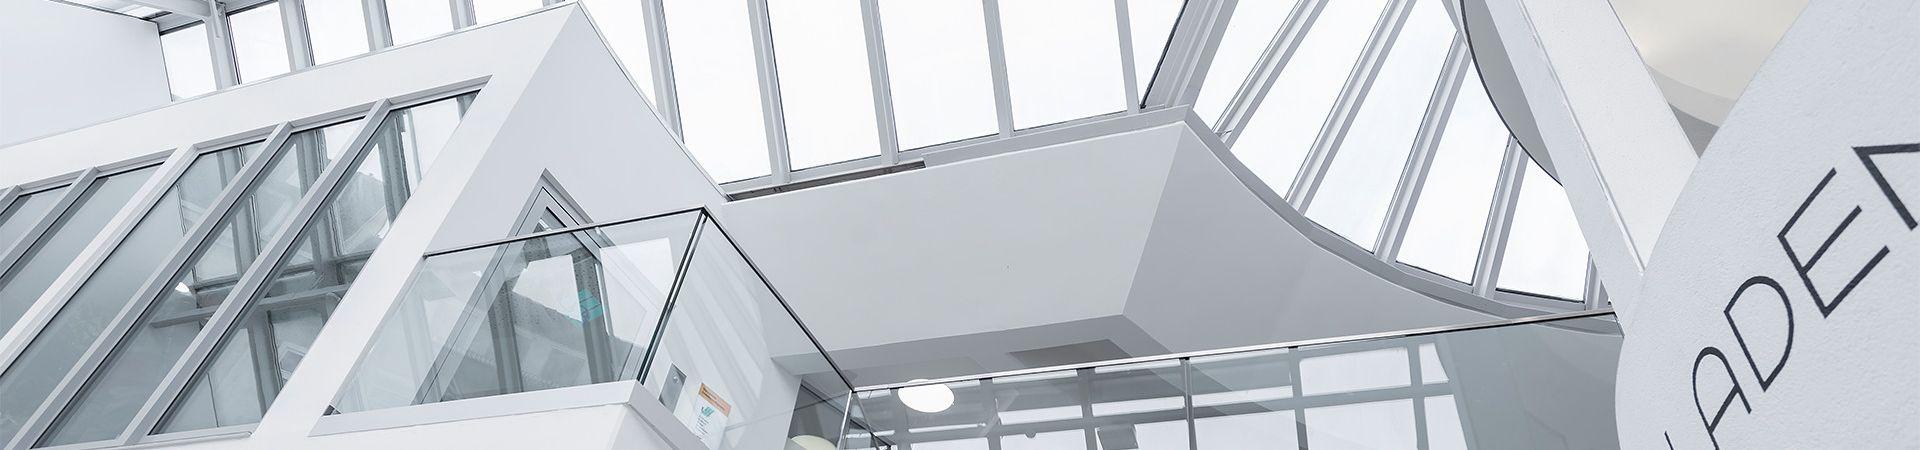 Glassline Glasgeländer - flexible, kurze Planung, schnelle ...